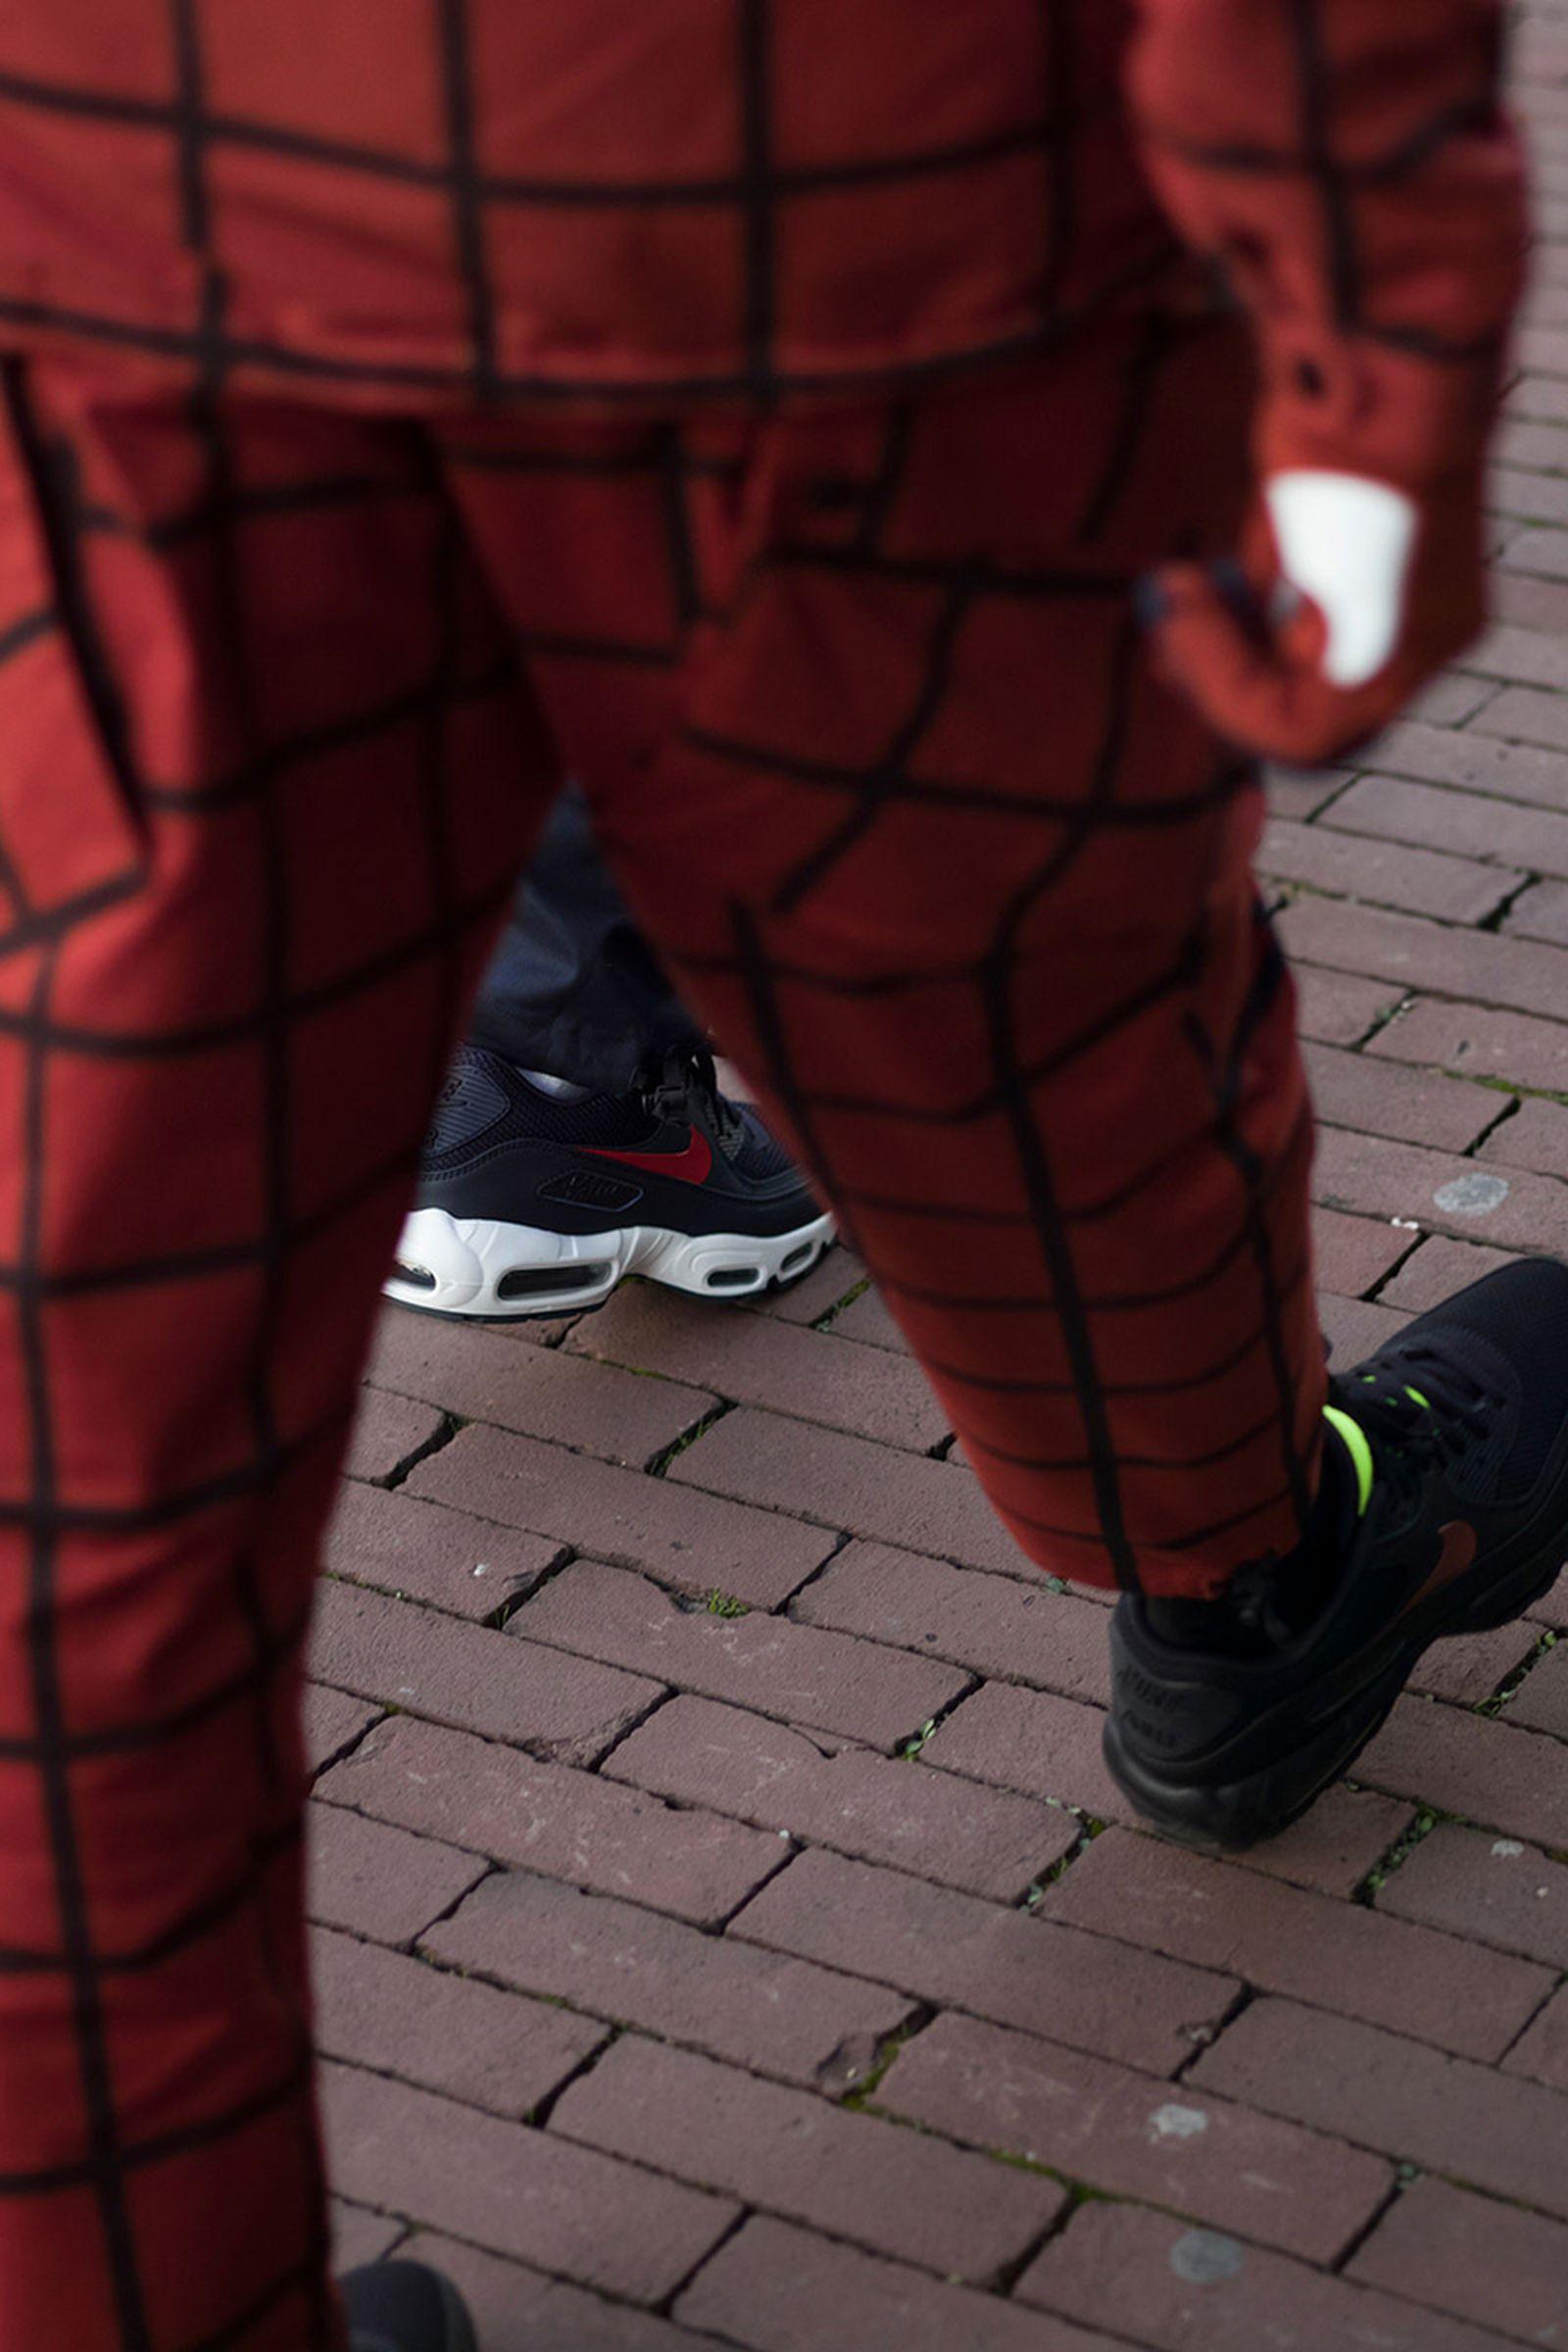 historia Dando césped  EXCLUSIVE: Patta x Nike's New FW18 Lookbook